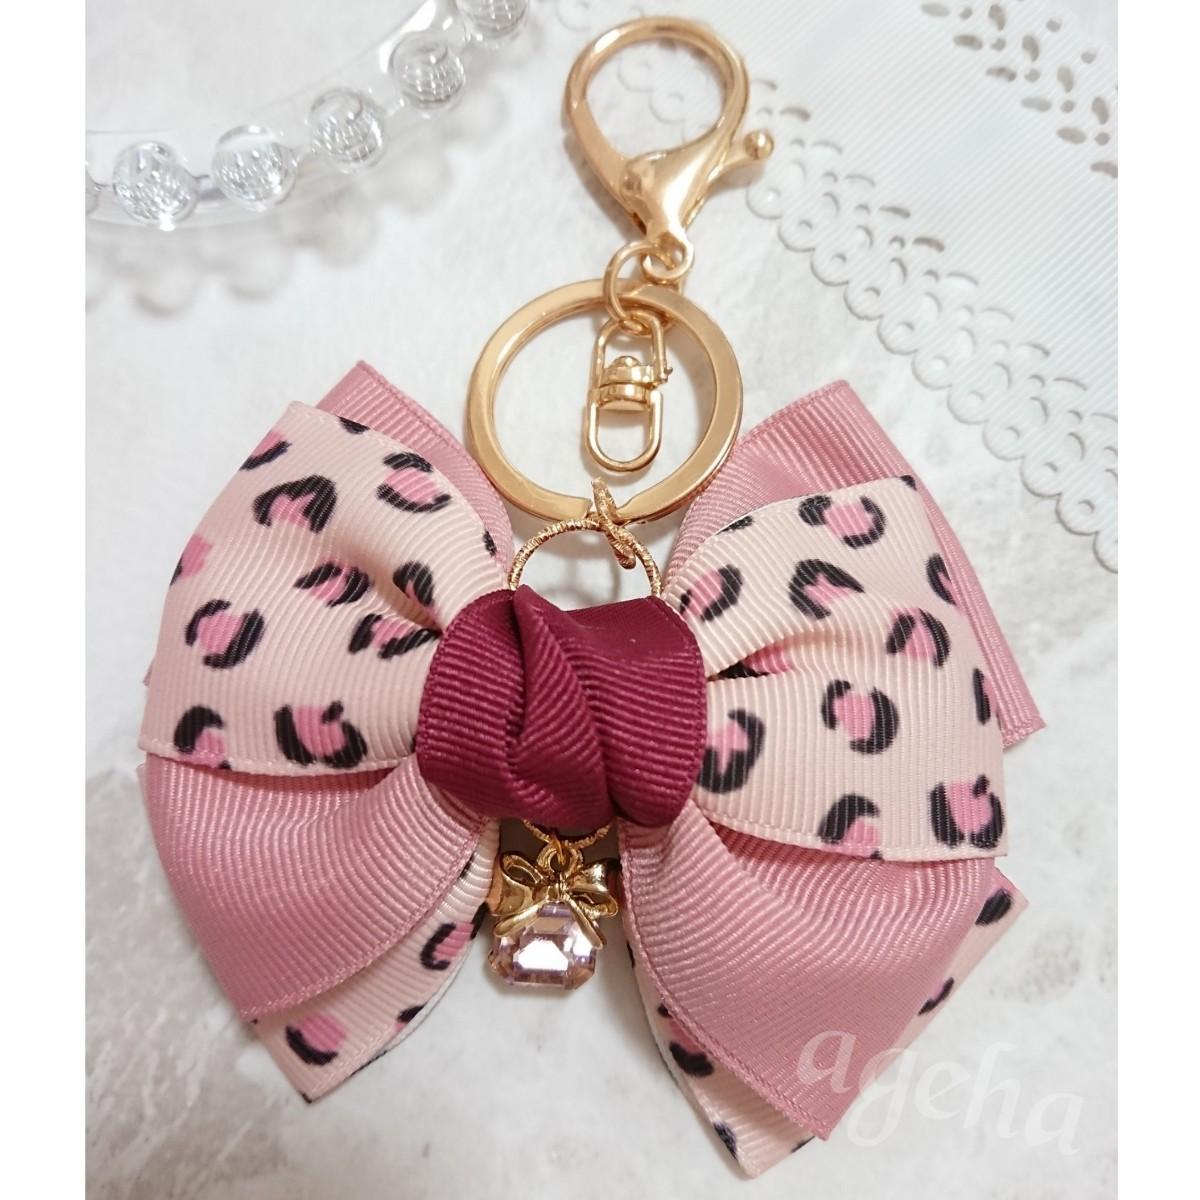 ハンドメイド レオパード柄×くすませピンク バッグチャーム